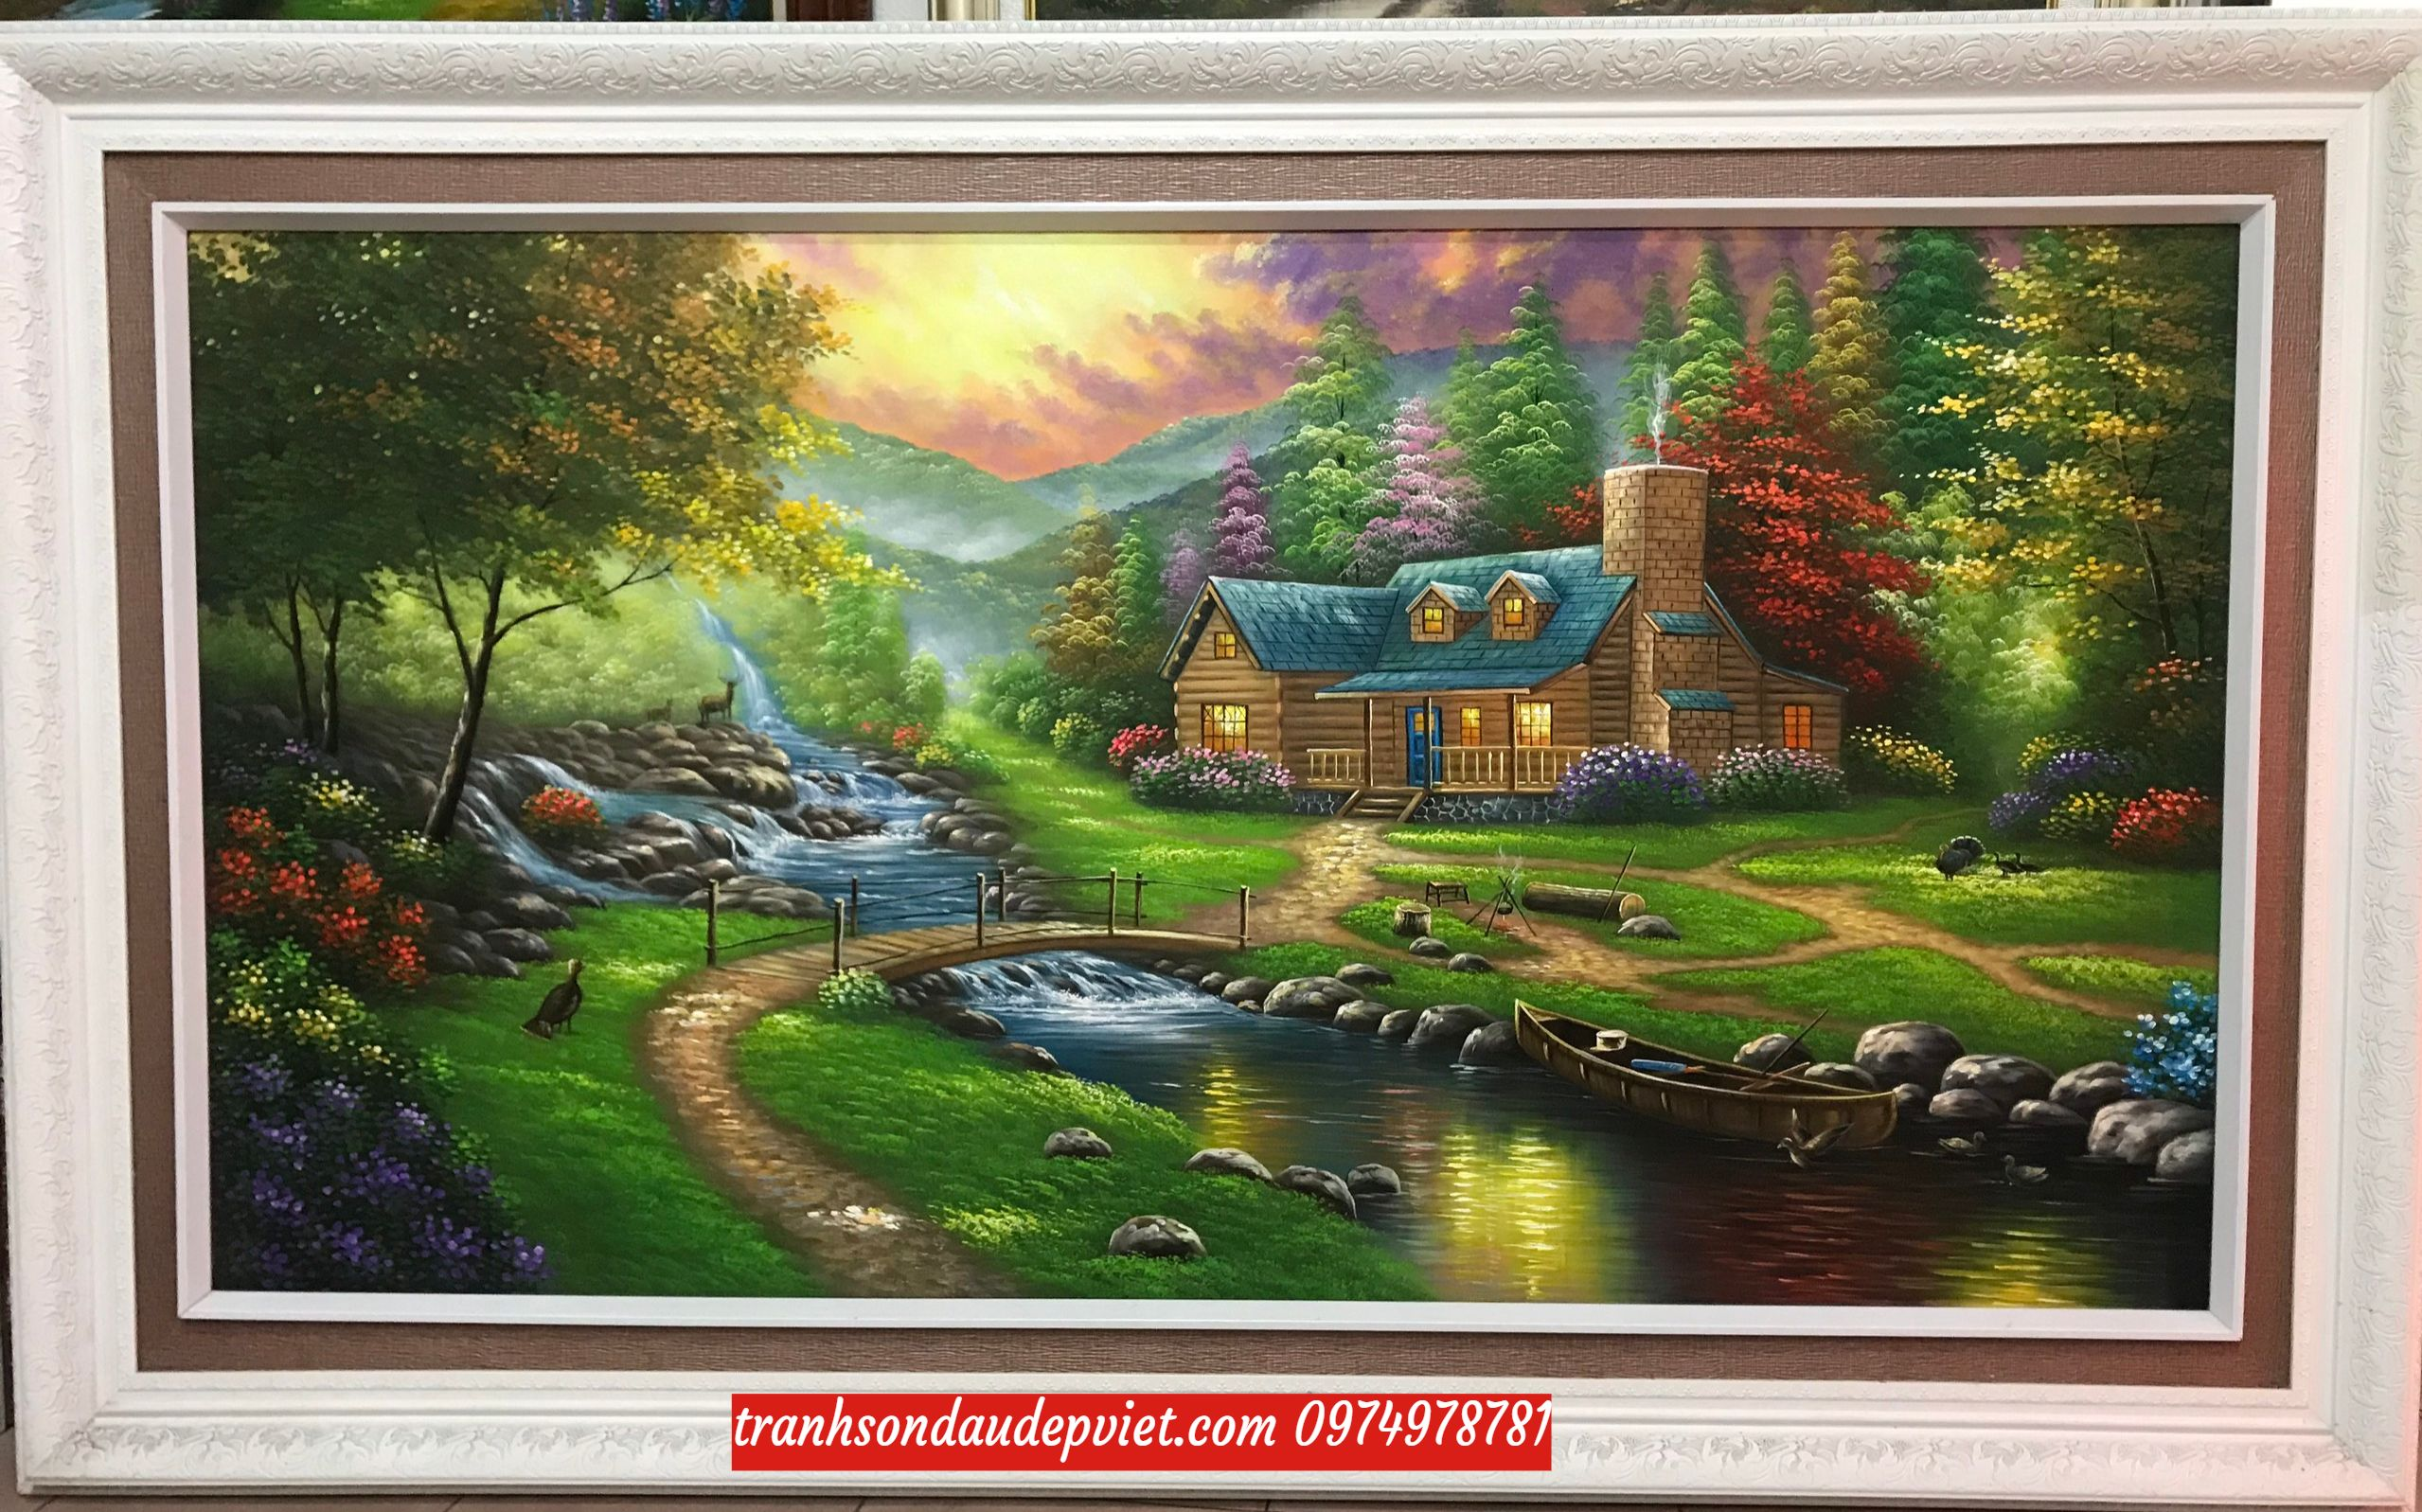 Tranh phong cảnh nước ngoài, tranh sơn dầu phong cảnh đẹp SB174